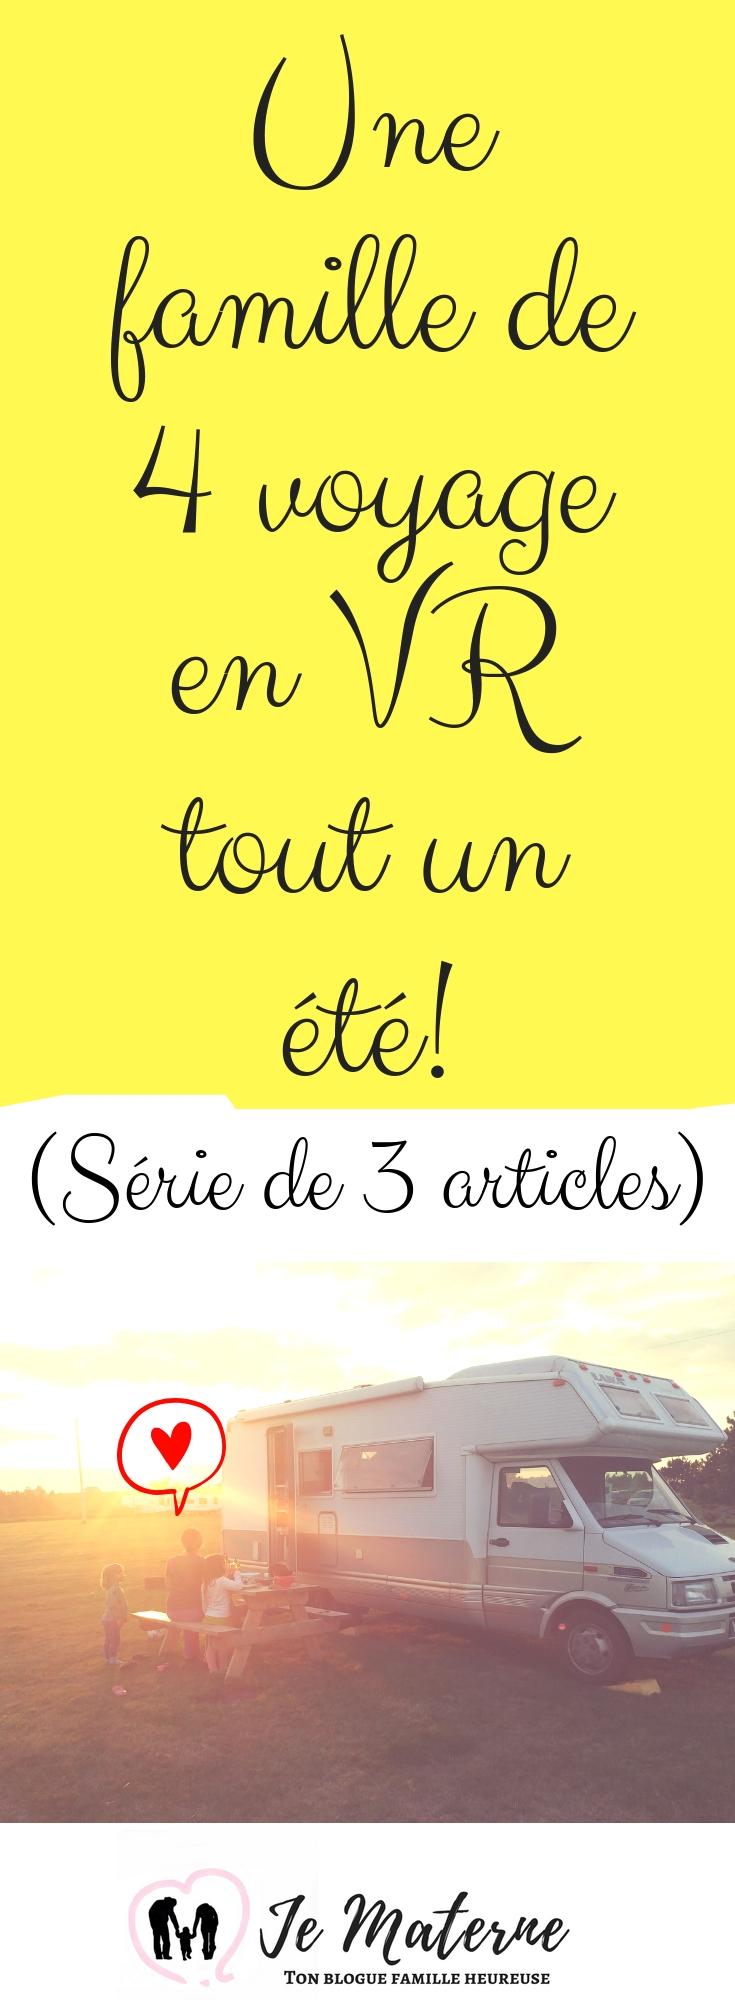 Une famille de 4 voyage en VR tout un été! Série de 3 article pour tout savoir. À lire absolument sur JeMaterne.com